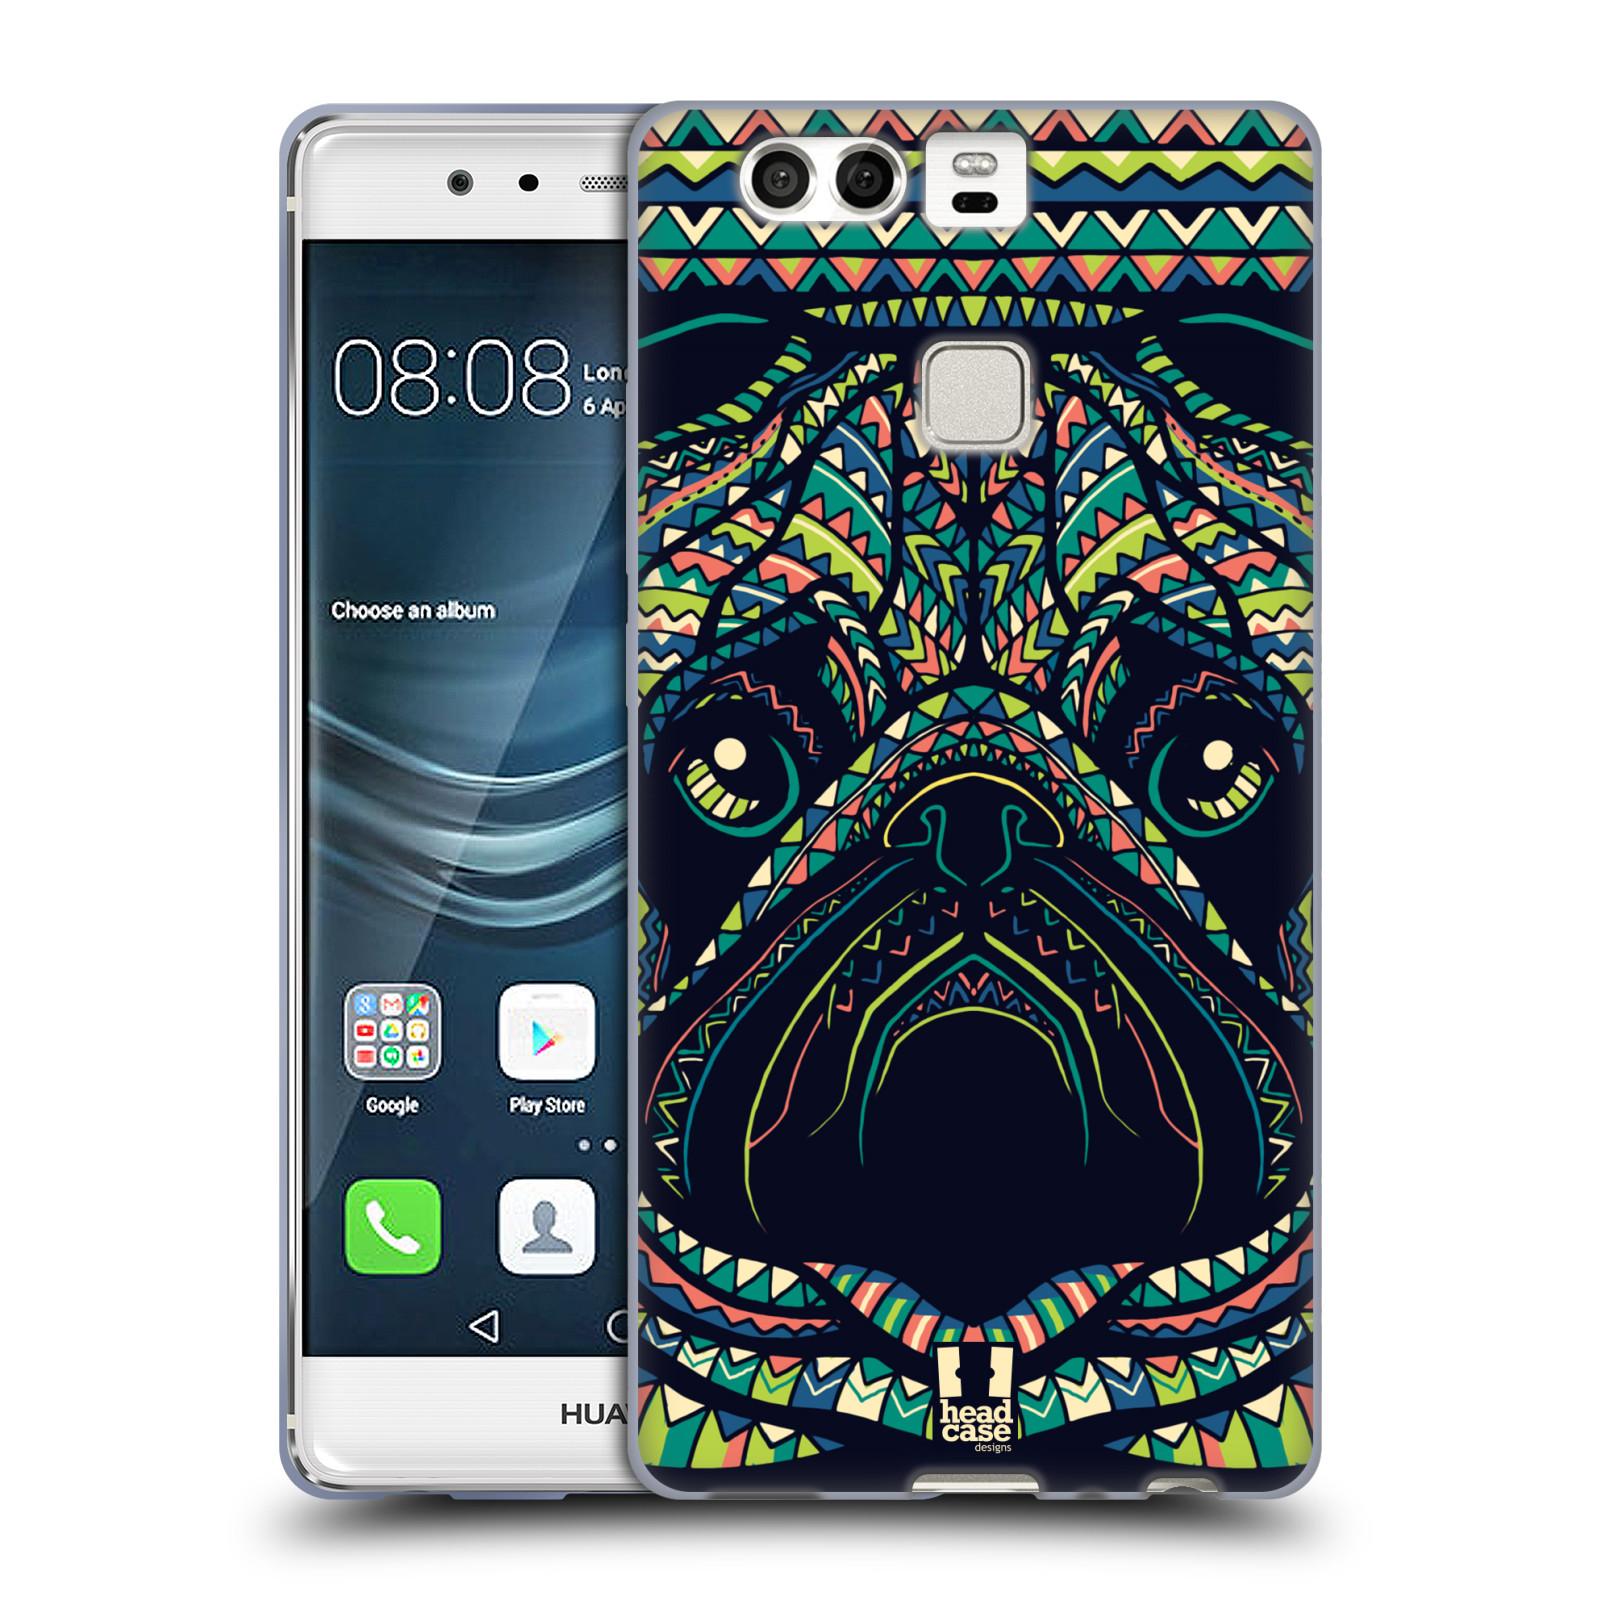 HEAD CASE silikonový obal na mobil Huawei P9 / P9 DUAL SIM vzor Aztécký motiv zvíře 3 mopsík